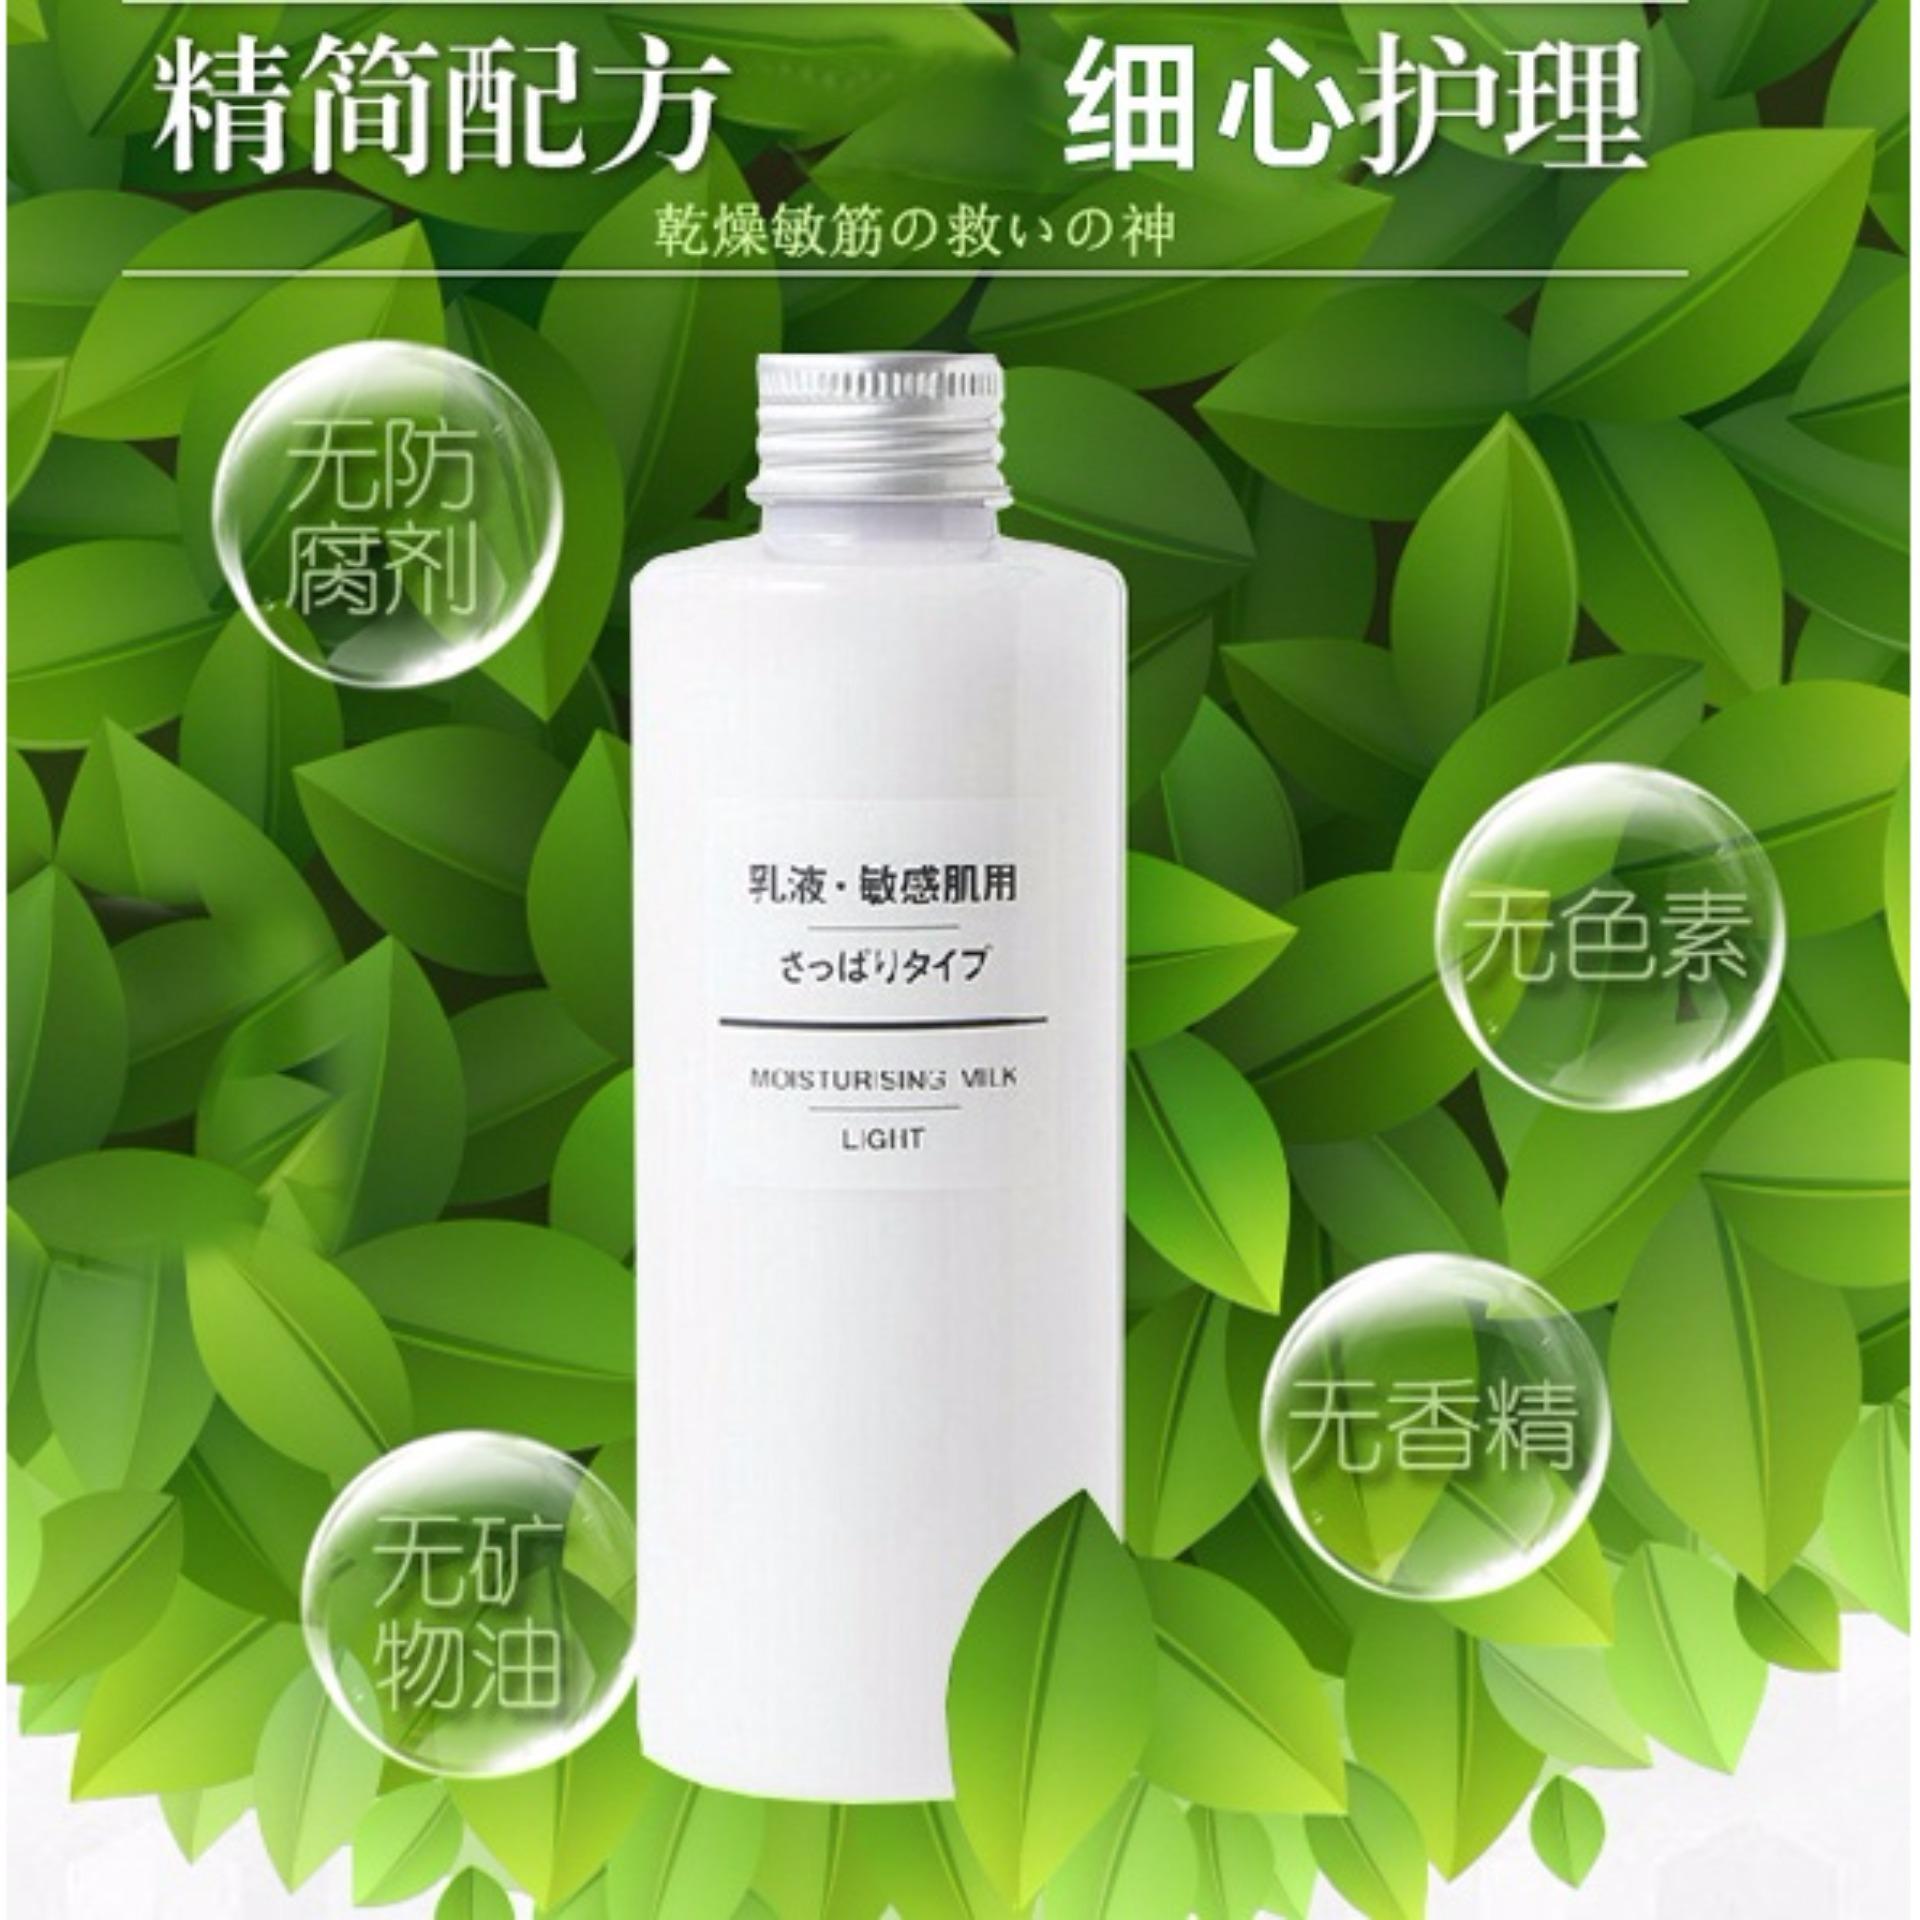 Sữa dưỡng ẩm dành cho da dầu, da hỗn hợp Muji Moisturizing Milk Light 200ml